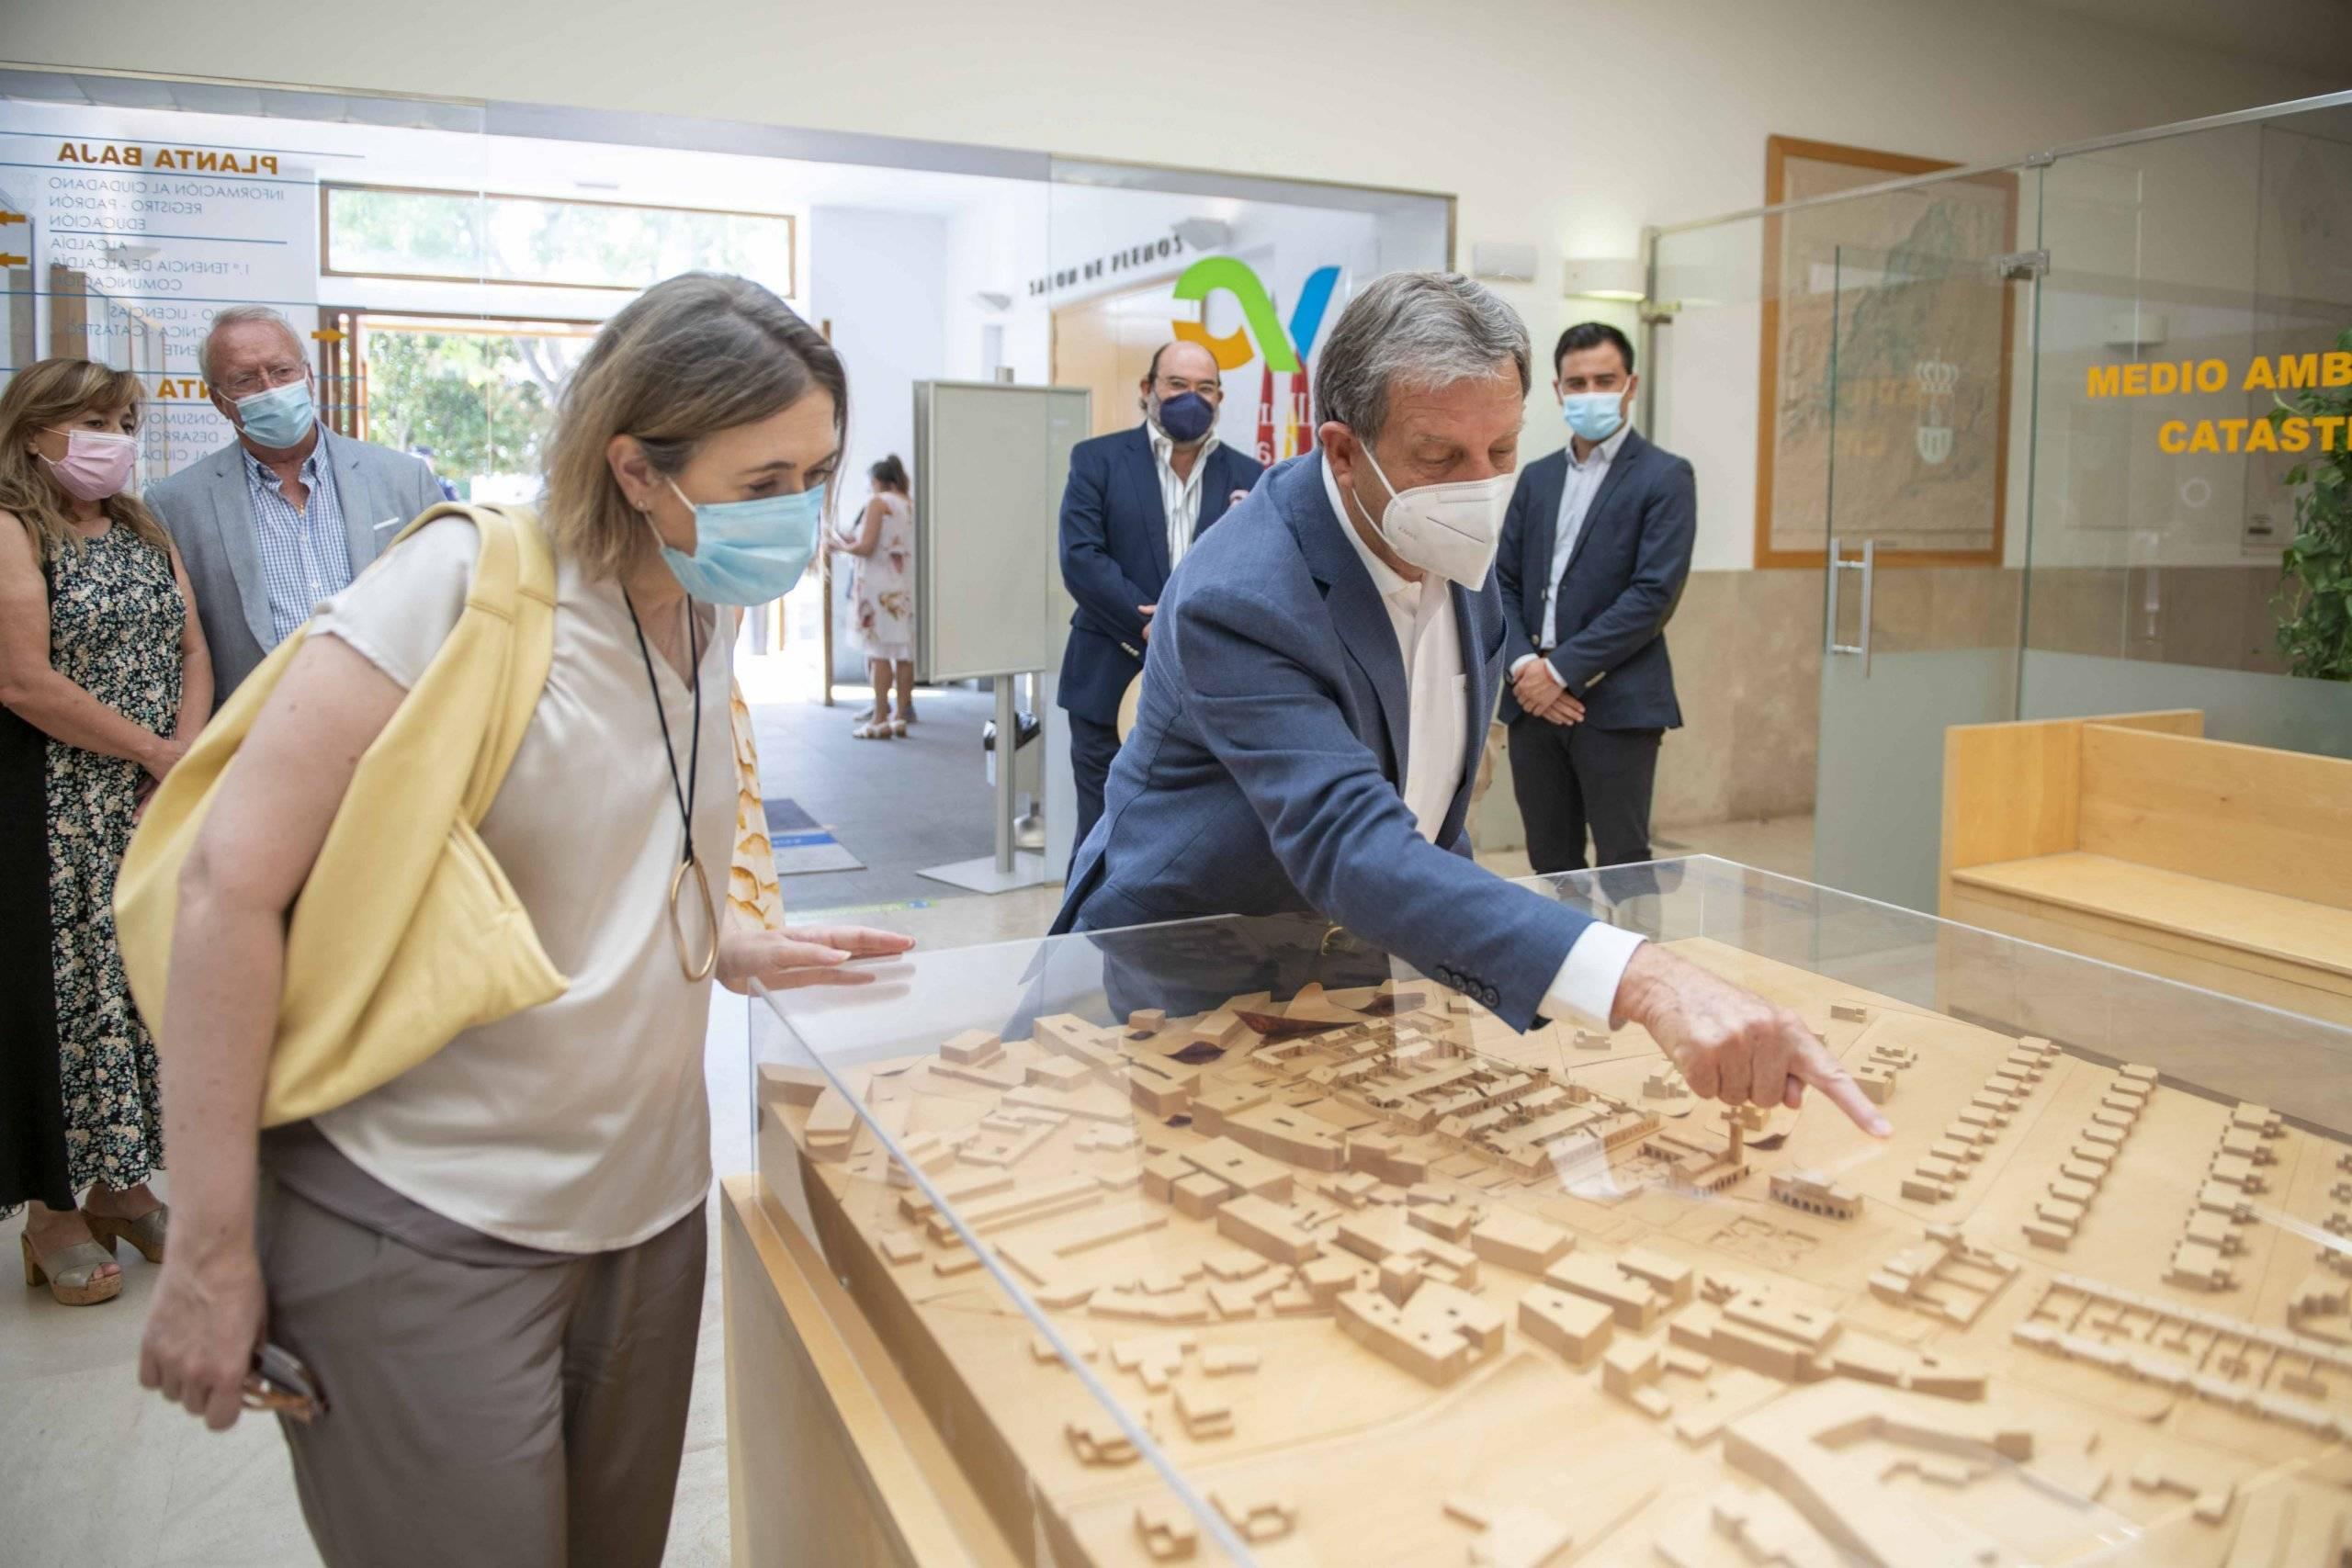 El alcalde, Luis Partida, junto a la consejera de Cultura, Deportes y Turismo, Marta Rivera de la Cruz en la Casa Consistorial.